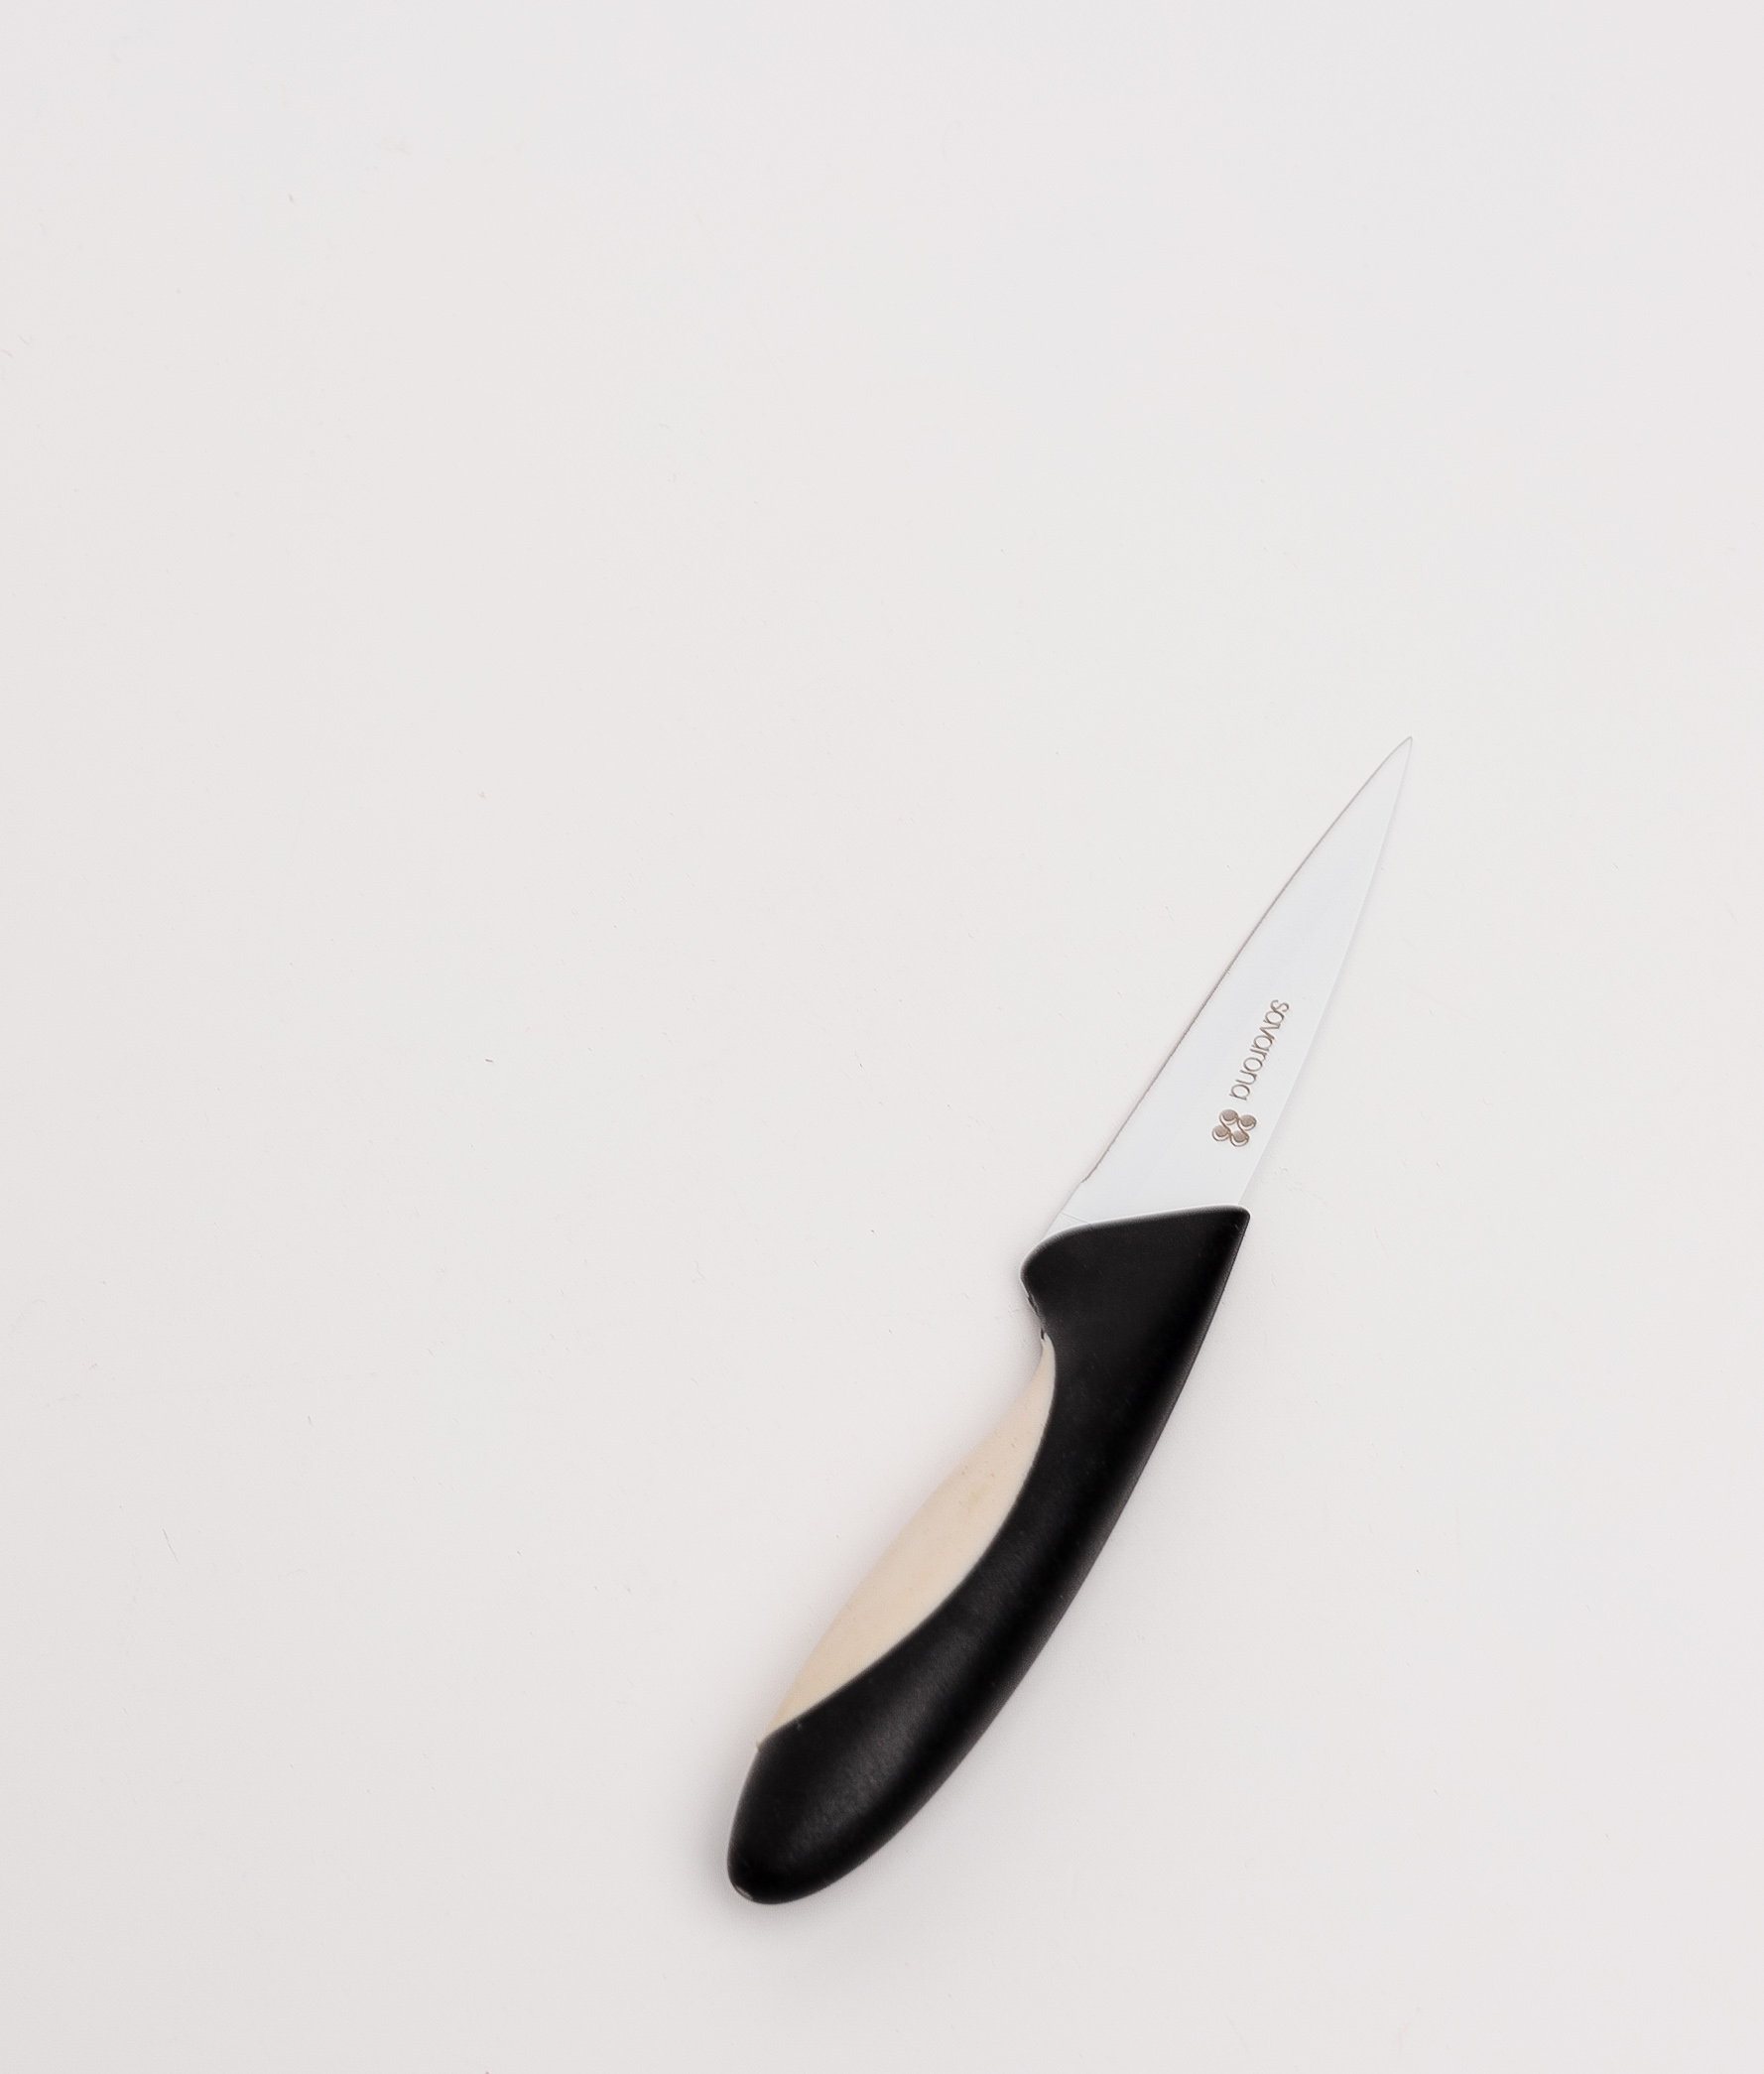 CUCHILLO BINIO - BLACK